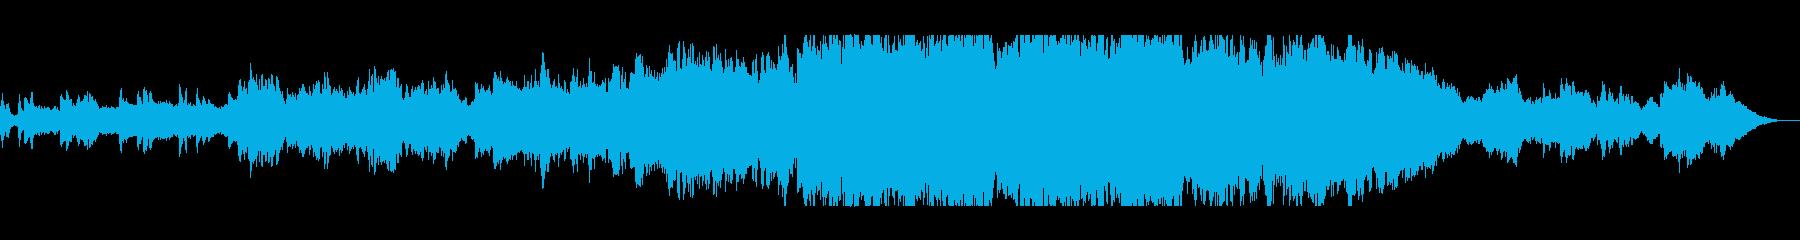 長い歴史に感じる中国音楽の再生済みの波形